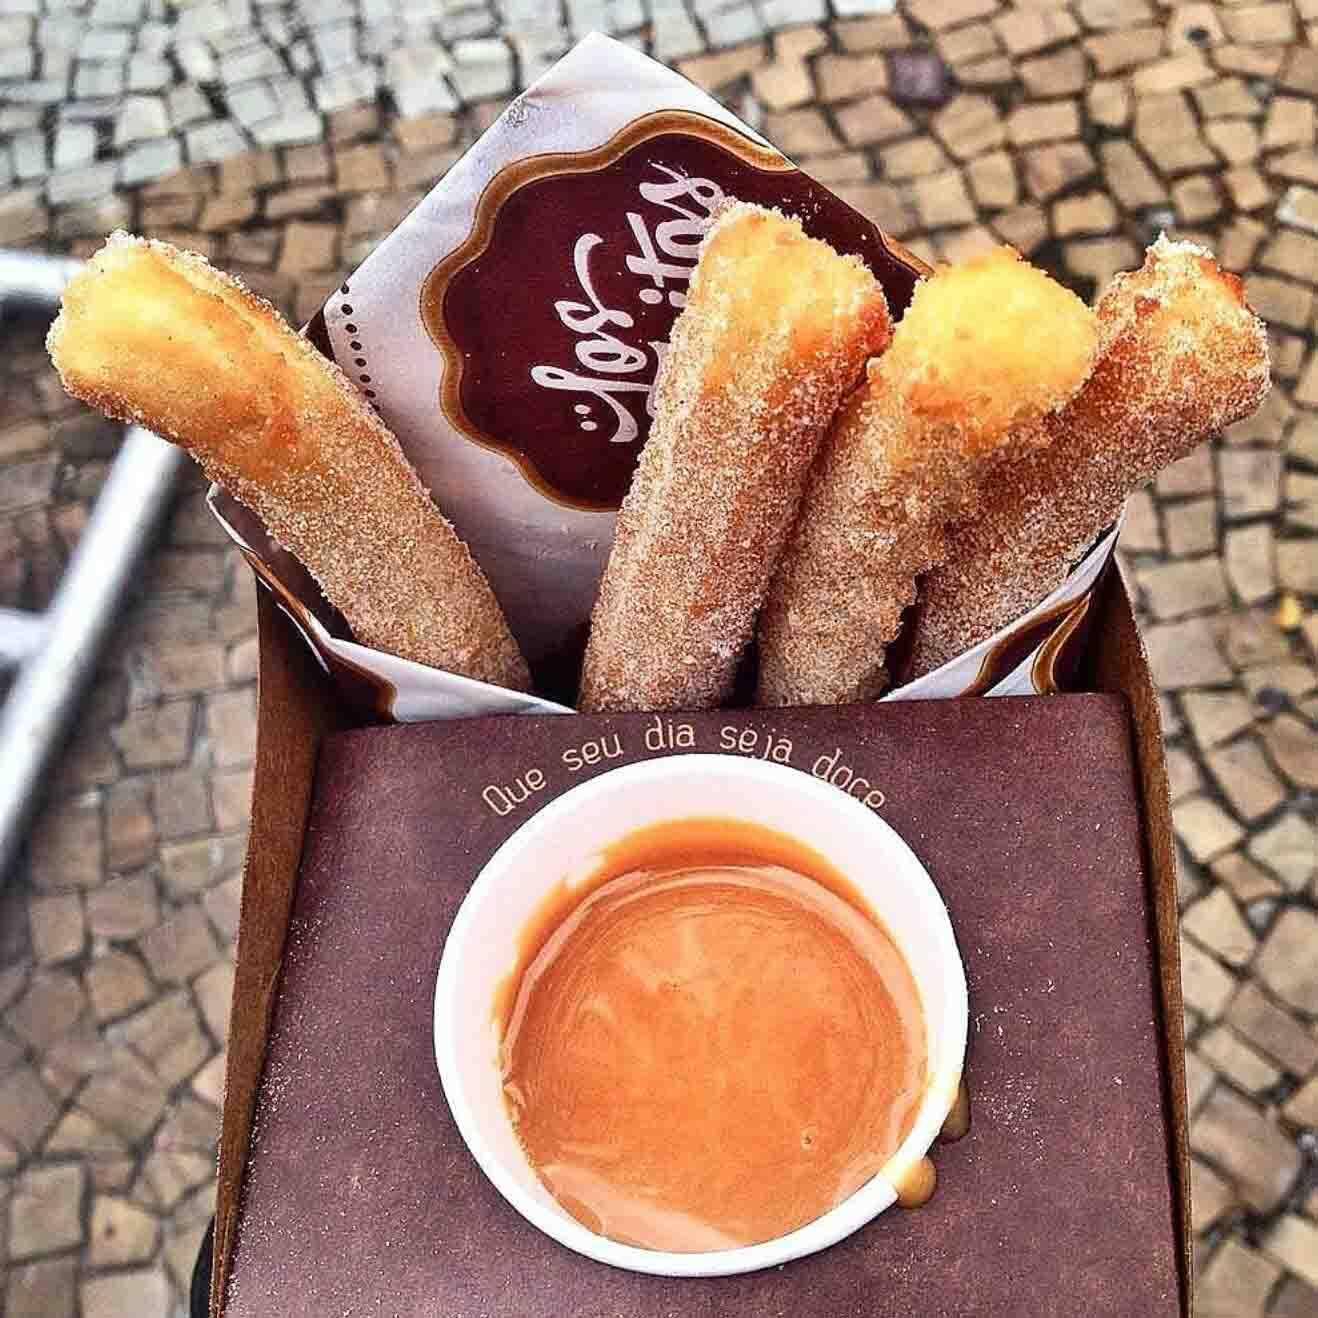 Começa Amanhã Chef Mix Gourmet no Shopping Metropolitano Barra